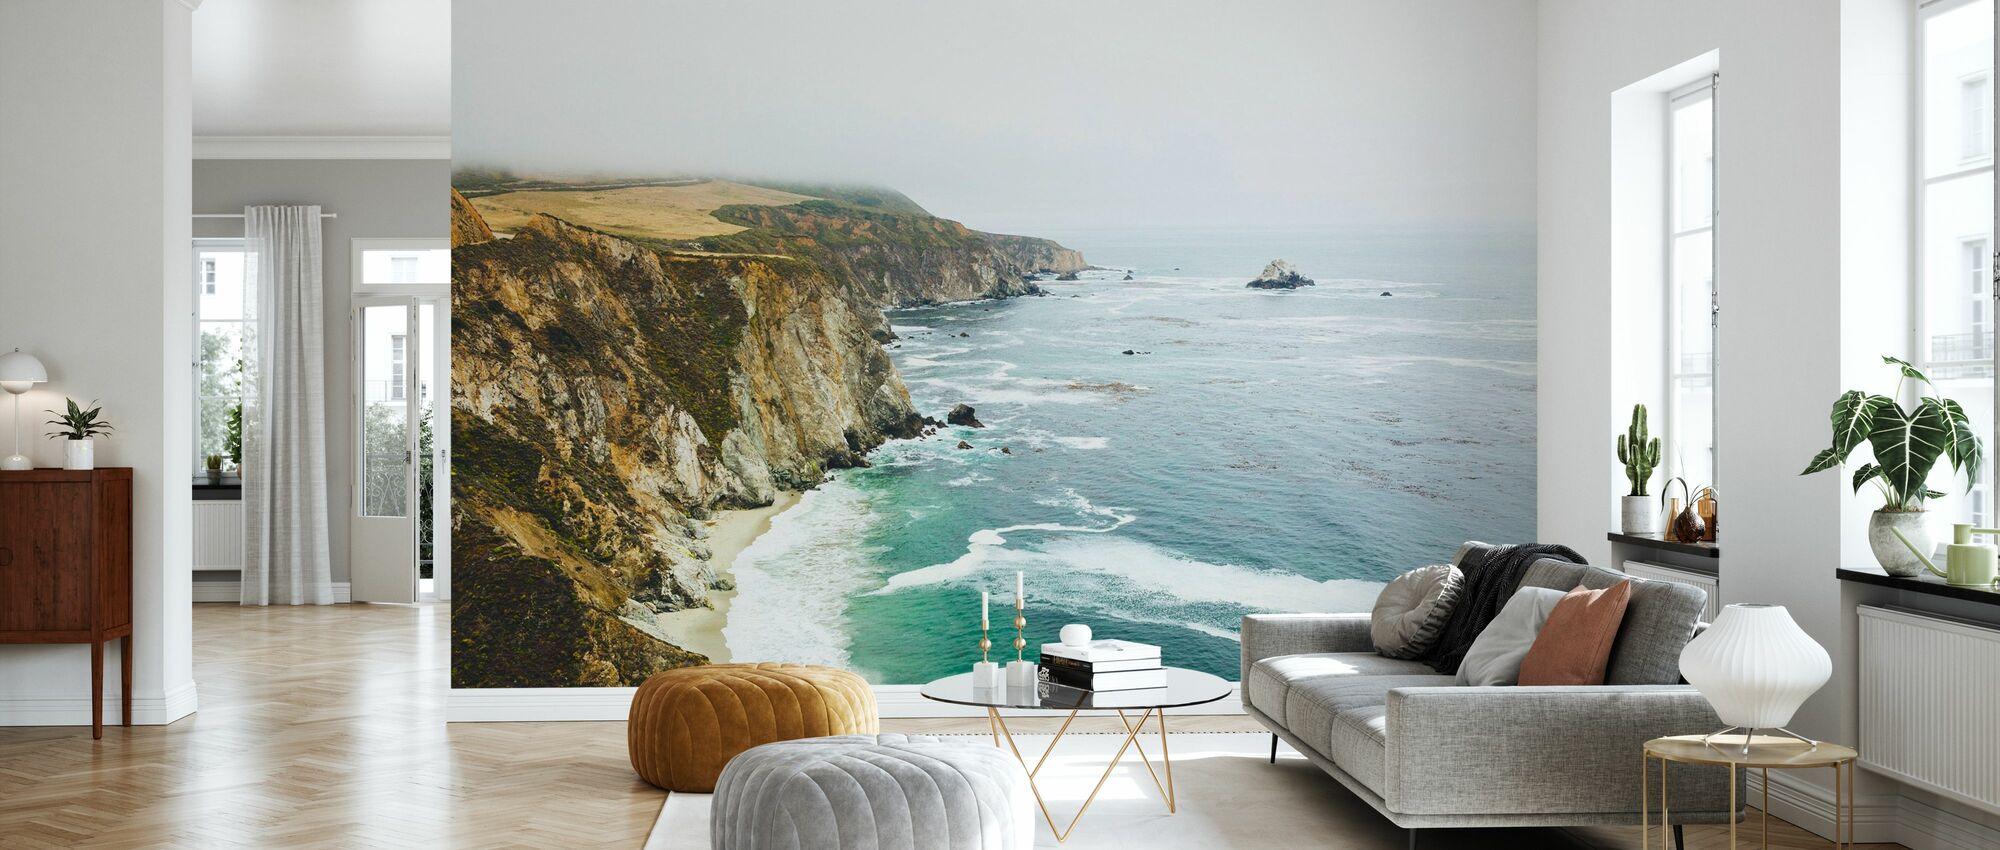 Big Sur, California - Wallpaper - Living Room